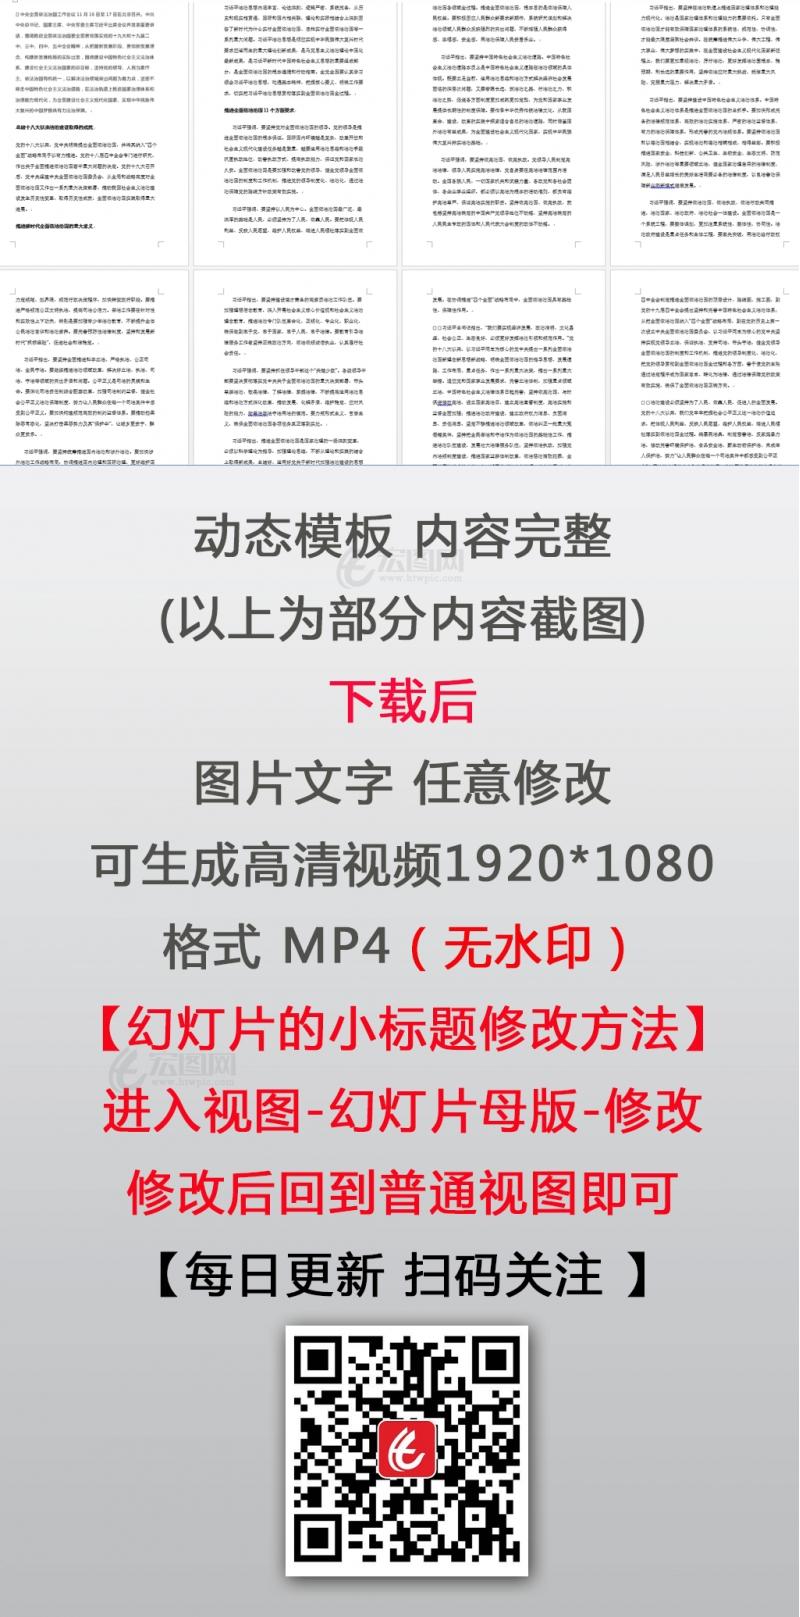 全面依法治国坚定不移走中国特色社会主义法治道理工作会议重要讲话精神党课PPT及讲稿